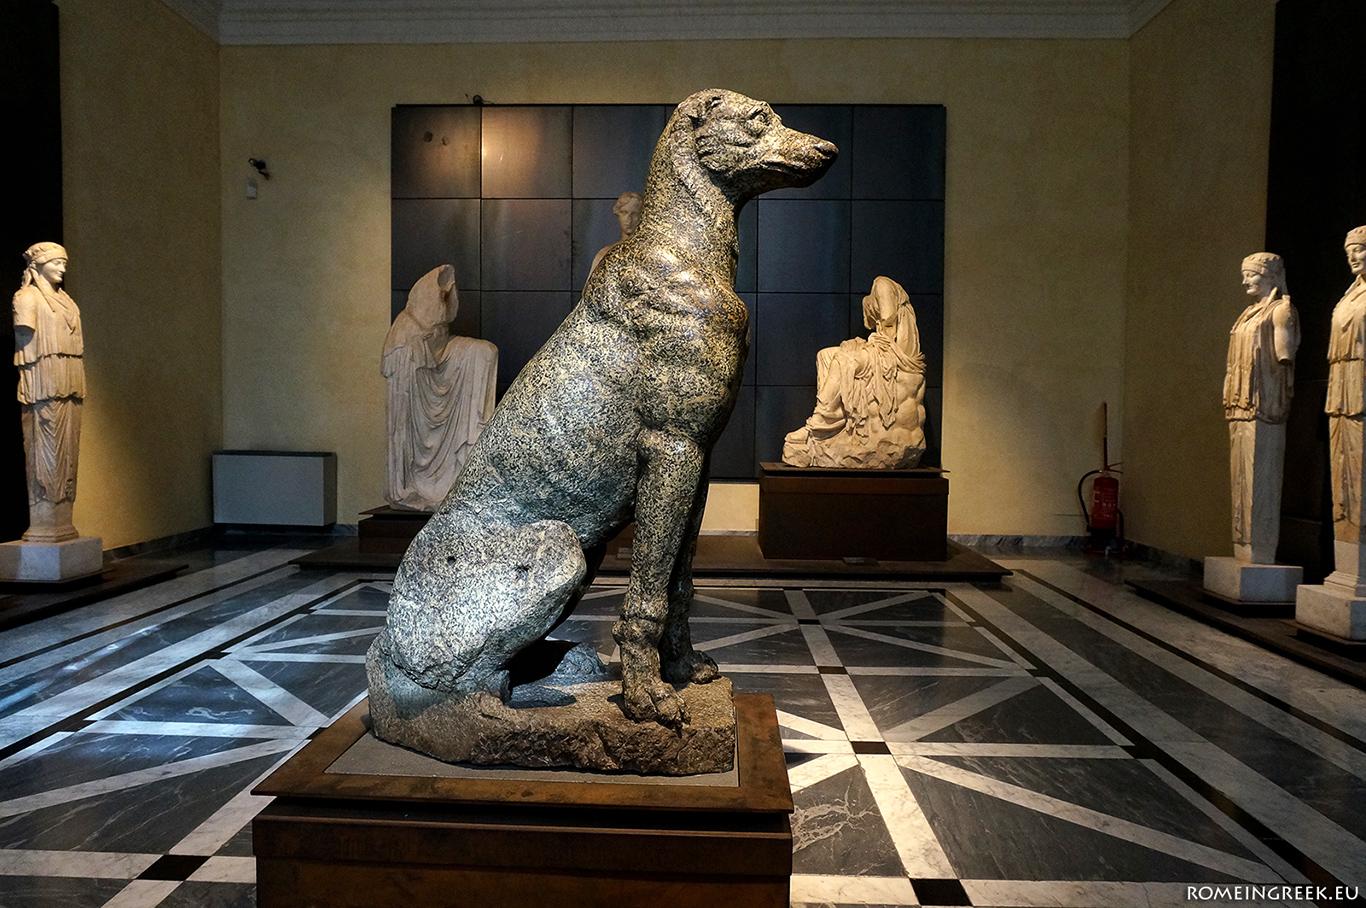 Άγαλμα σκύλου